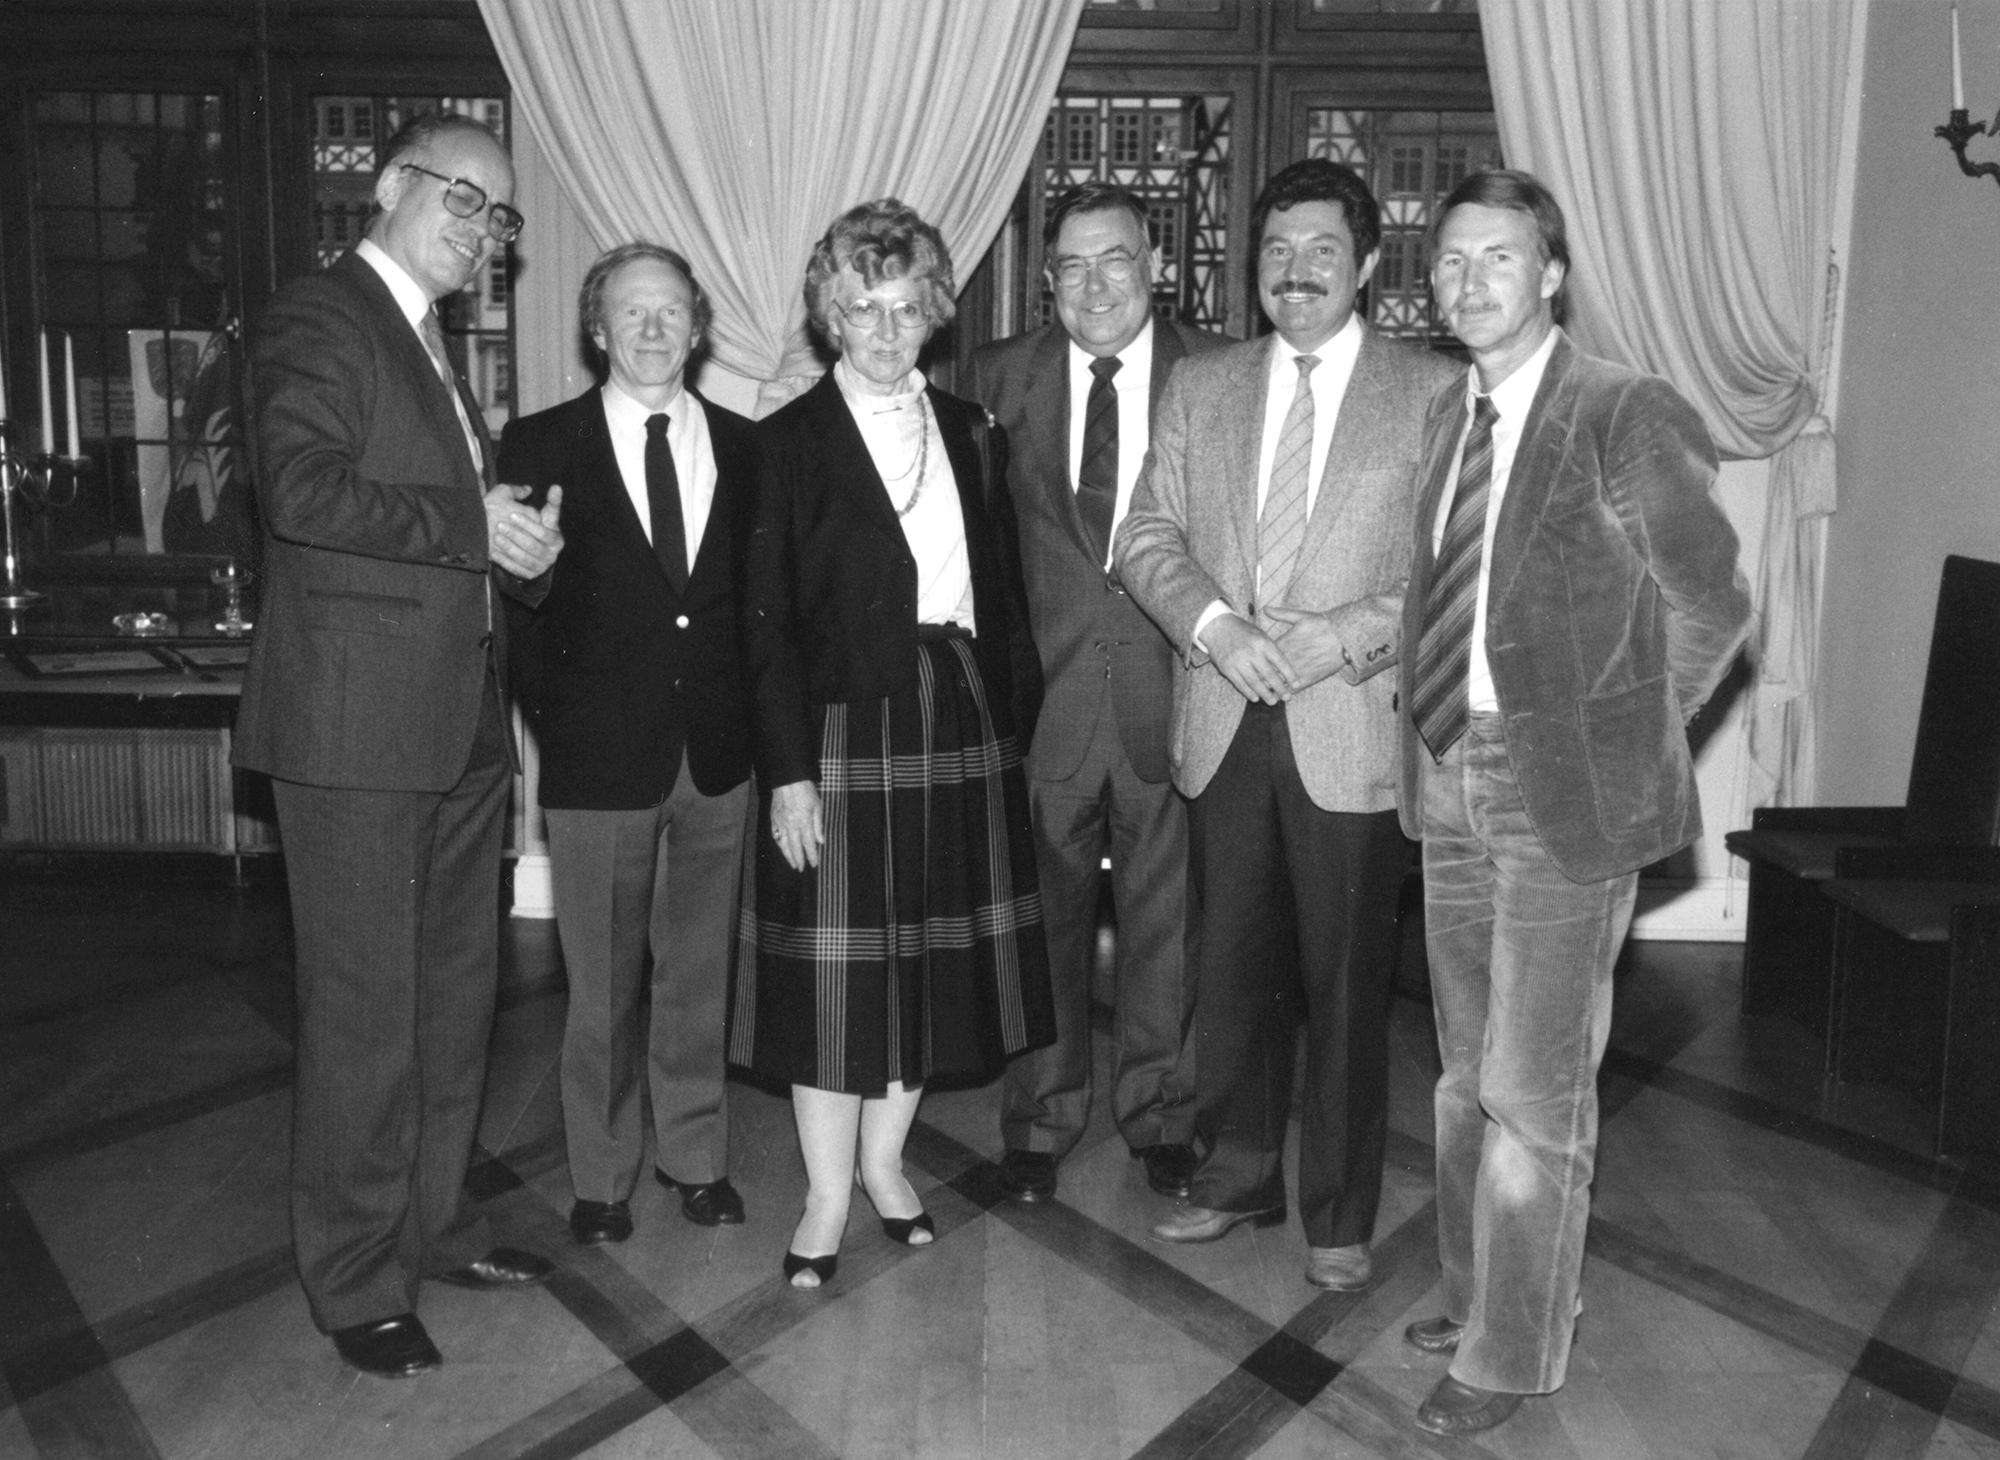 Marianne Englert 1984 in Frankfurt (mit Prof Franz VdA Vorsitzender Gerhard Mantwill Englert Schütz Heiner Schmitt Gustav Mohrlüder)